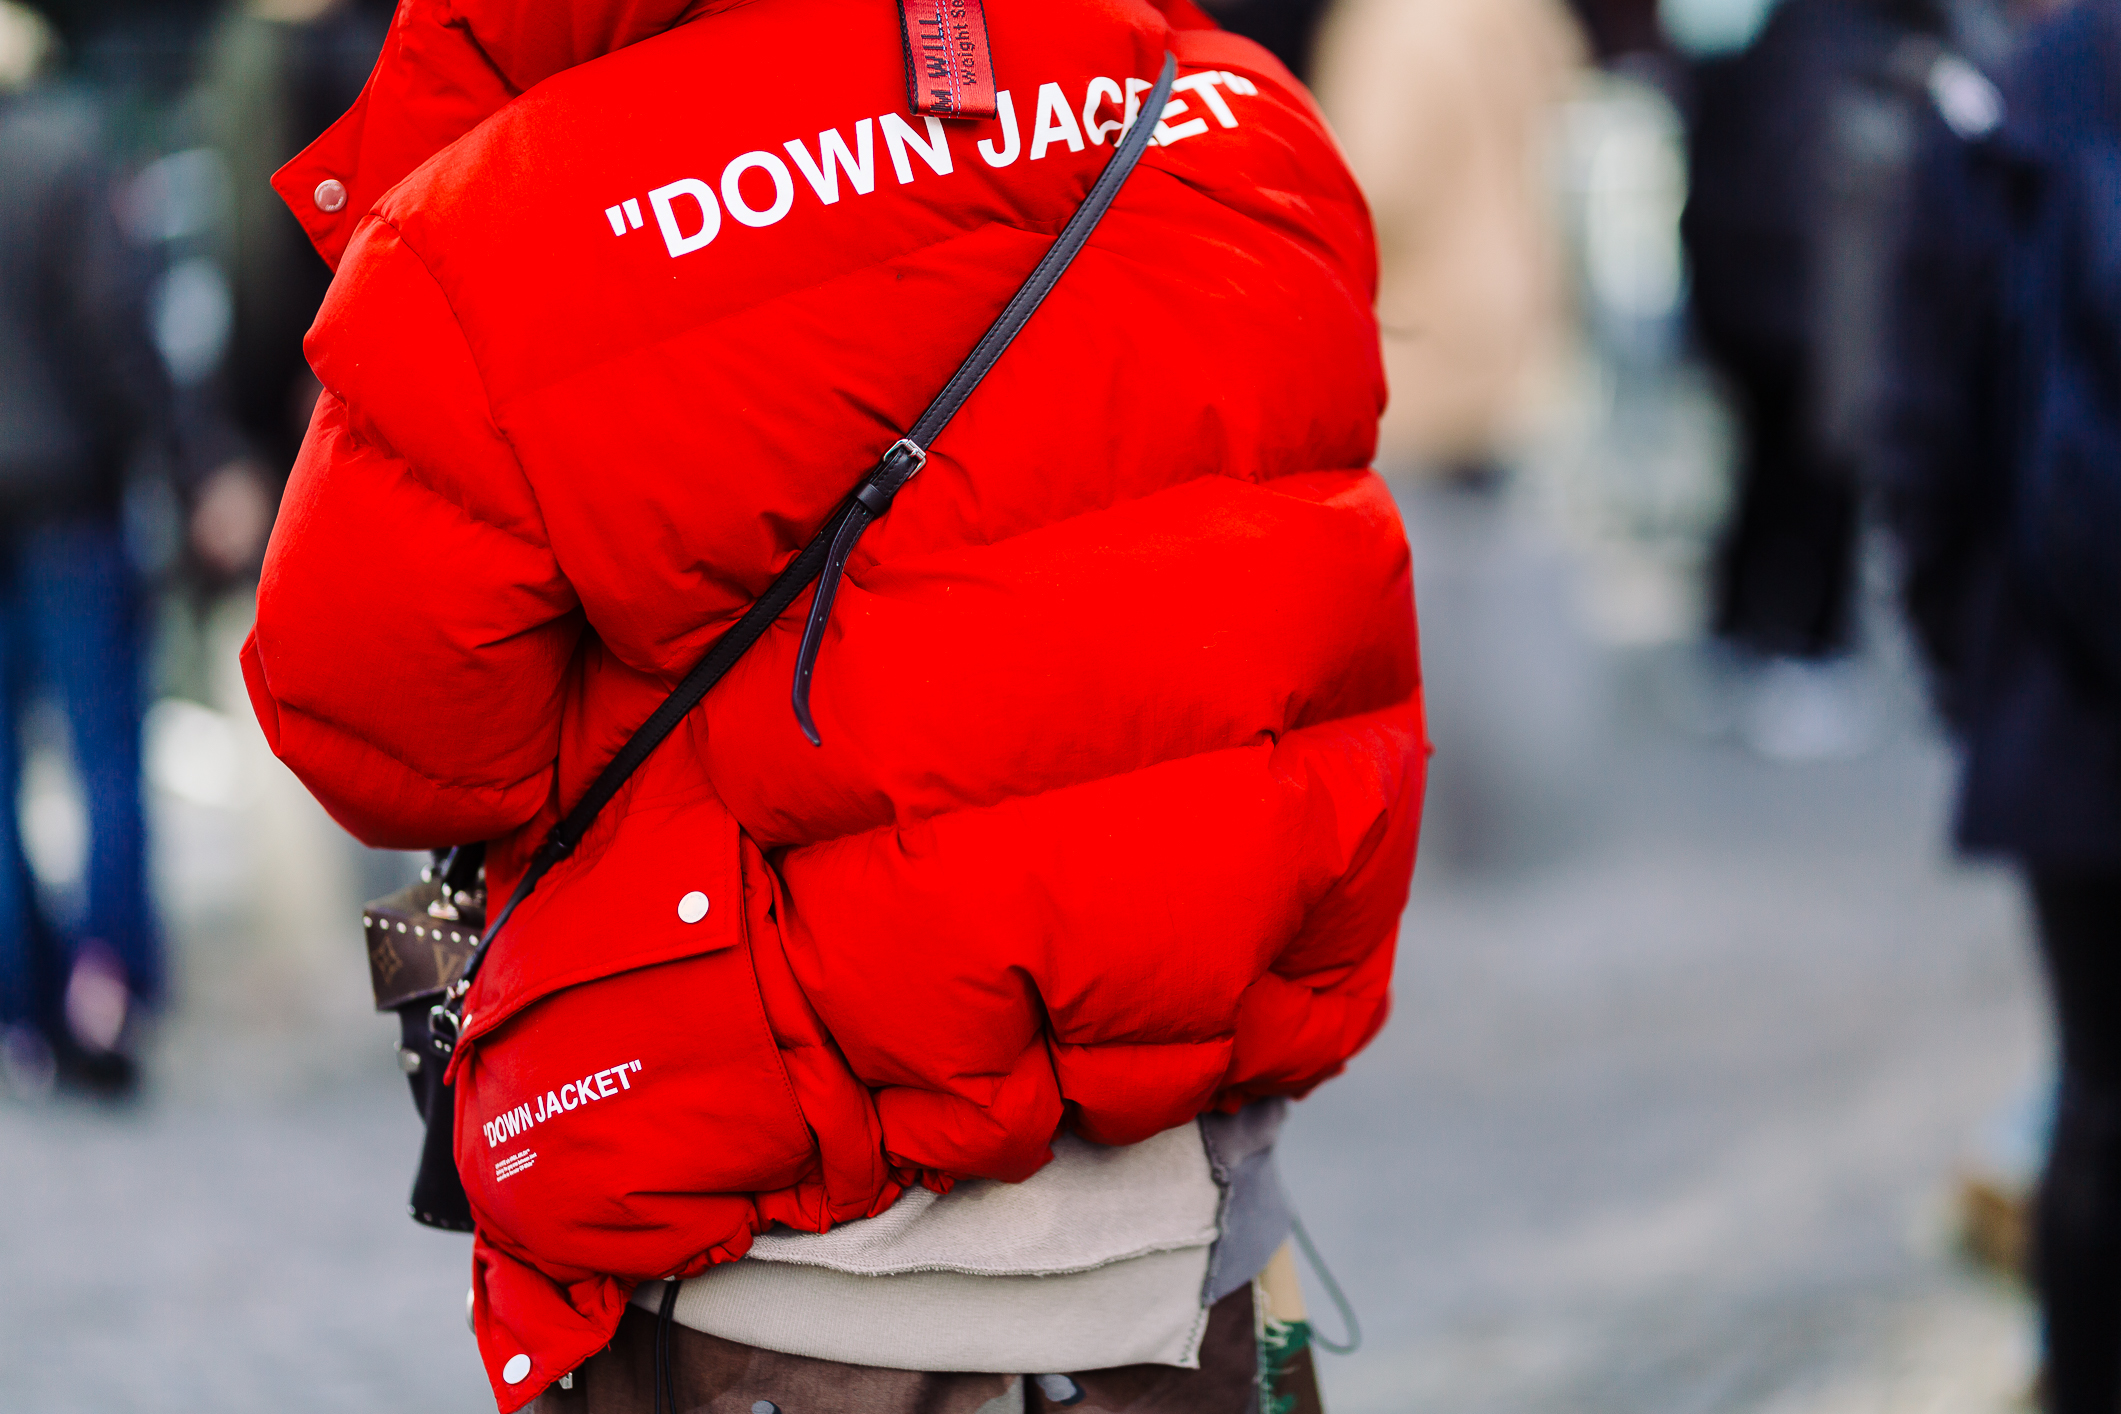 Sắc đỏ luôn là lựa chọn hoàn hảo cho các fashionista để tập trung sự chú ý của các nhiếp ảnh gia trong các tuần lễ thời trang.